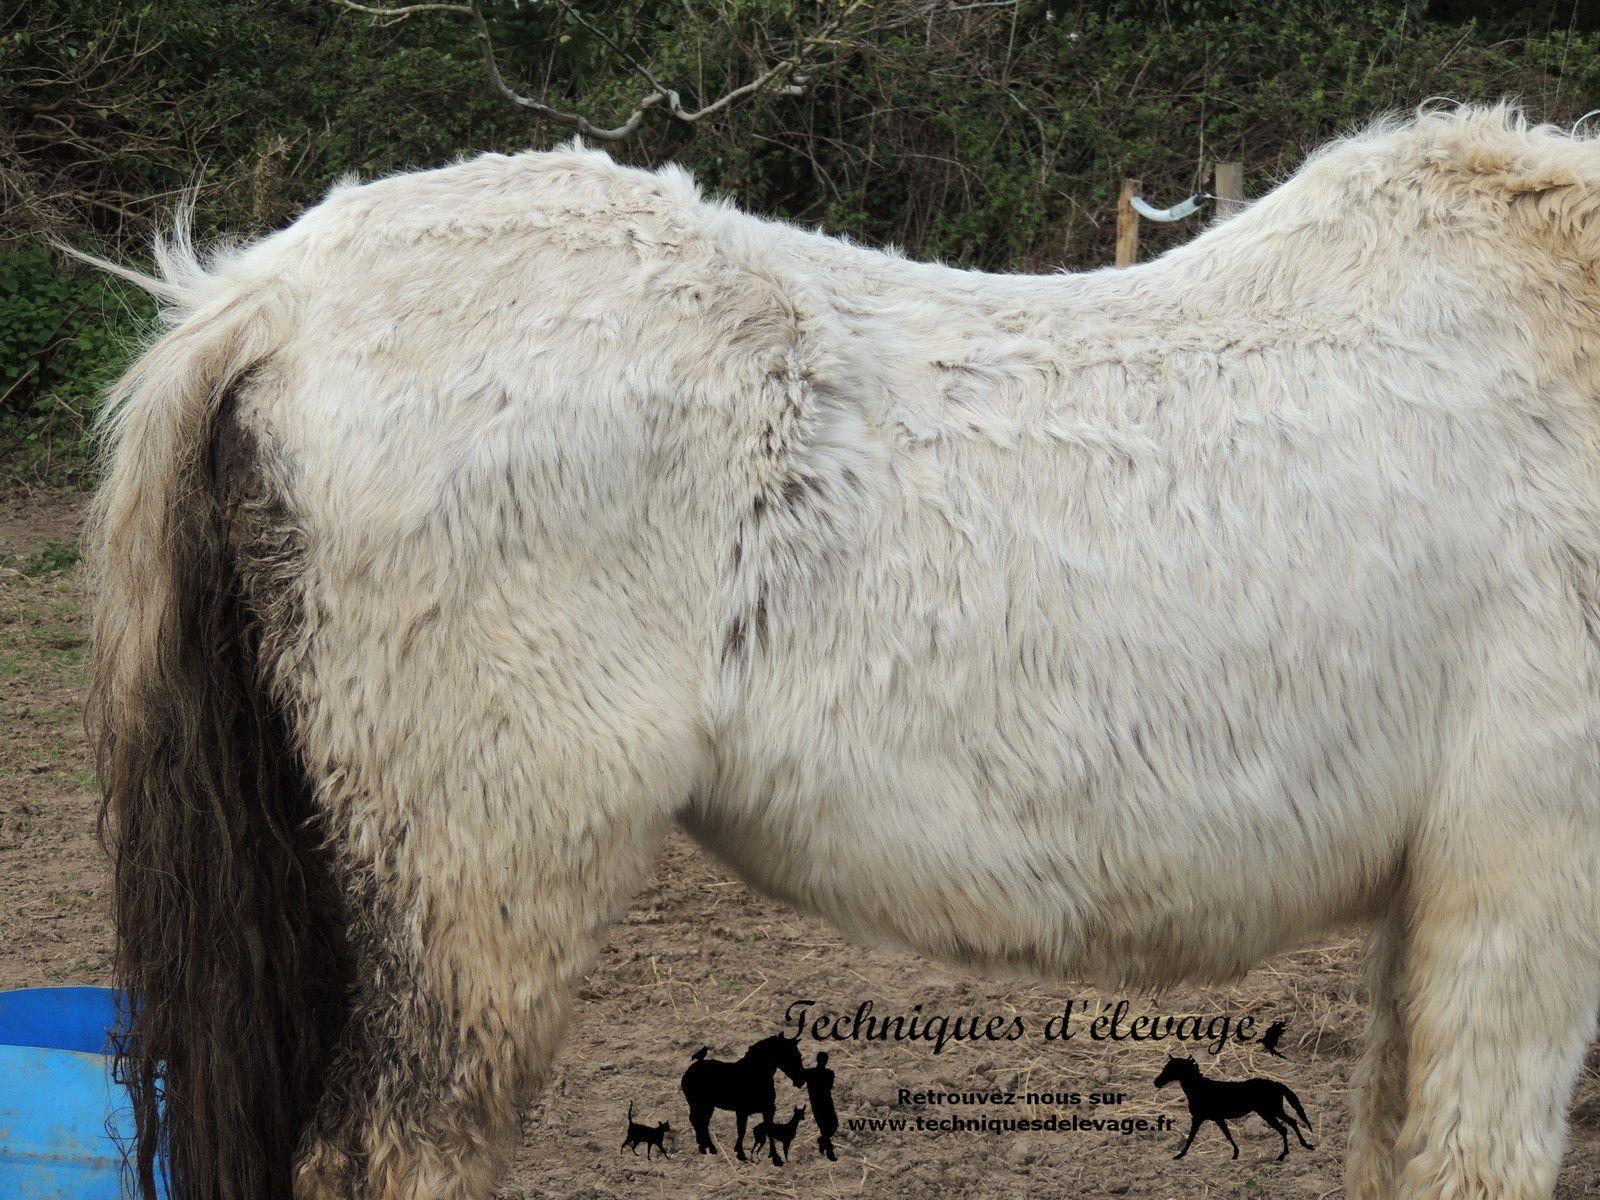 Poils hirsutes d'un poney atteint de cushing. Techniques d'élevage. Tous droits réservés